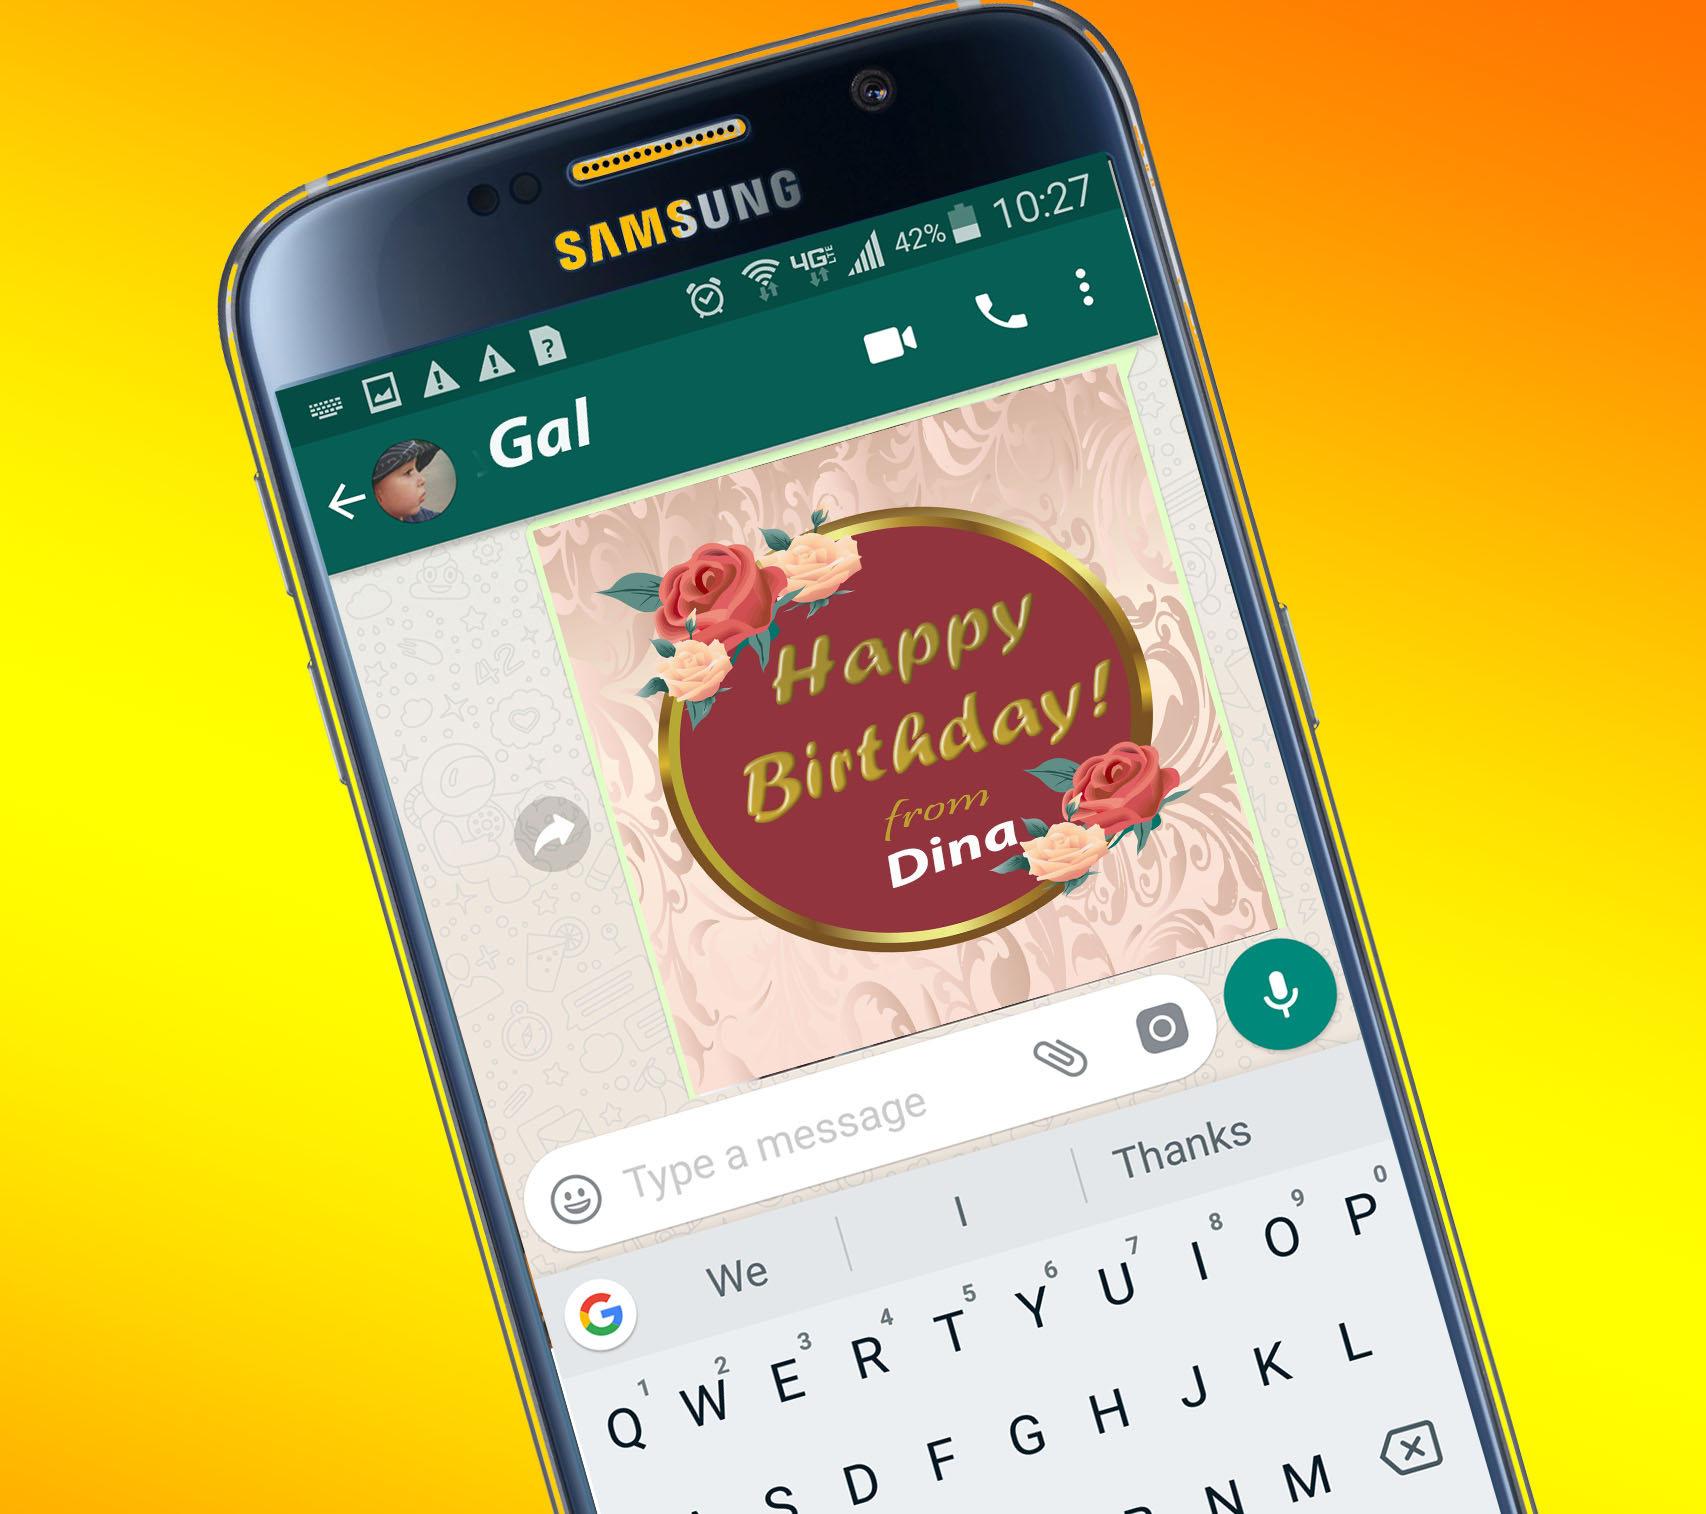 For Iphone For Smartphone Iphone Smartphone Birthday Digital Card